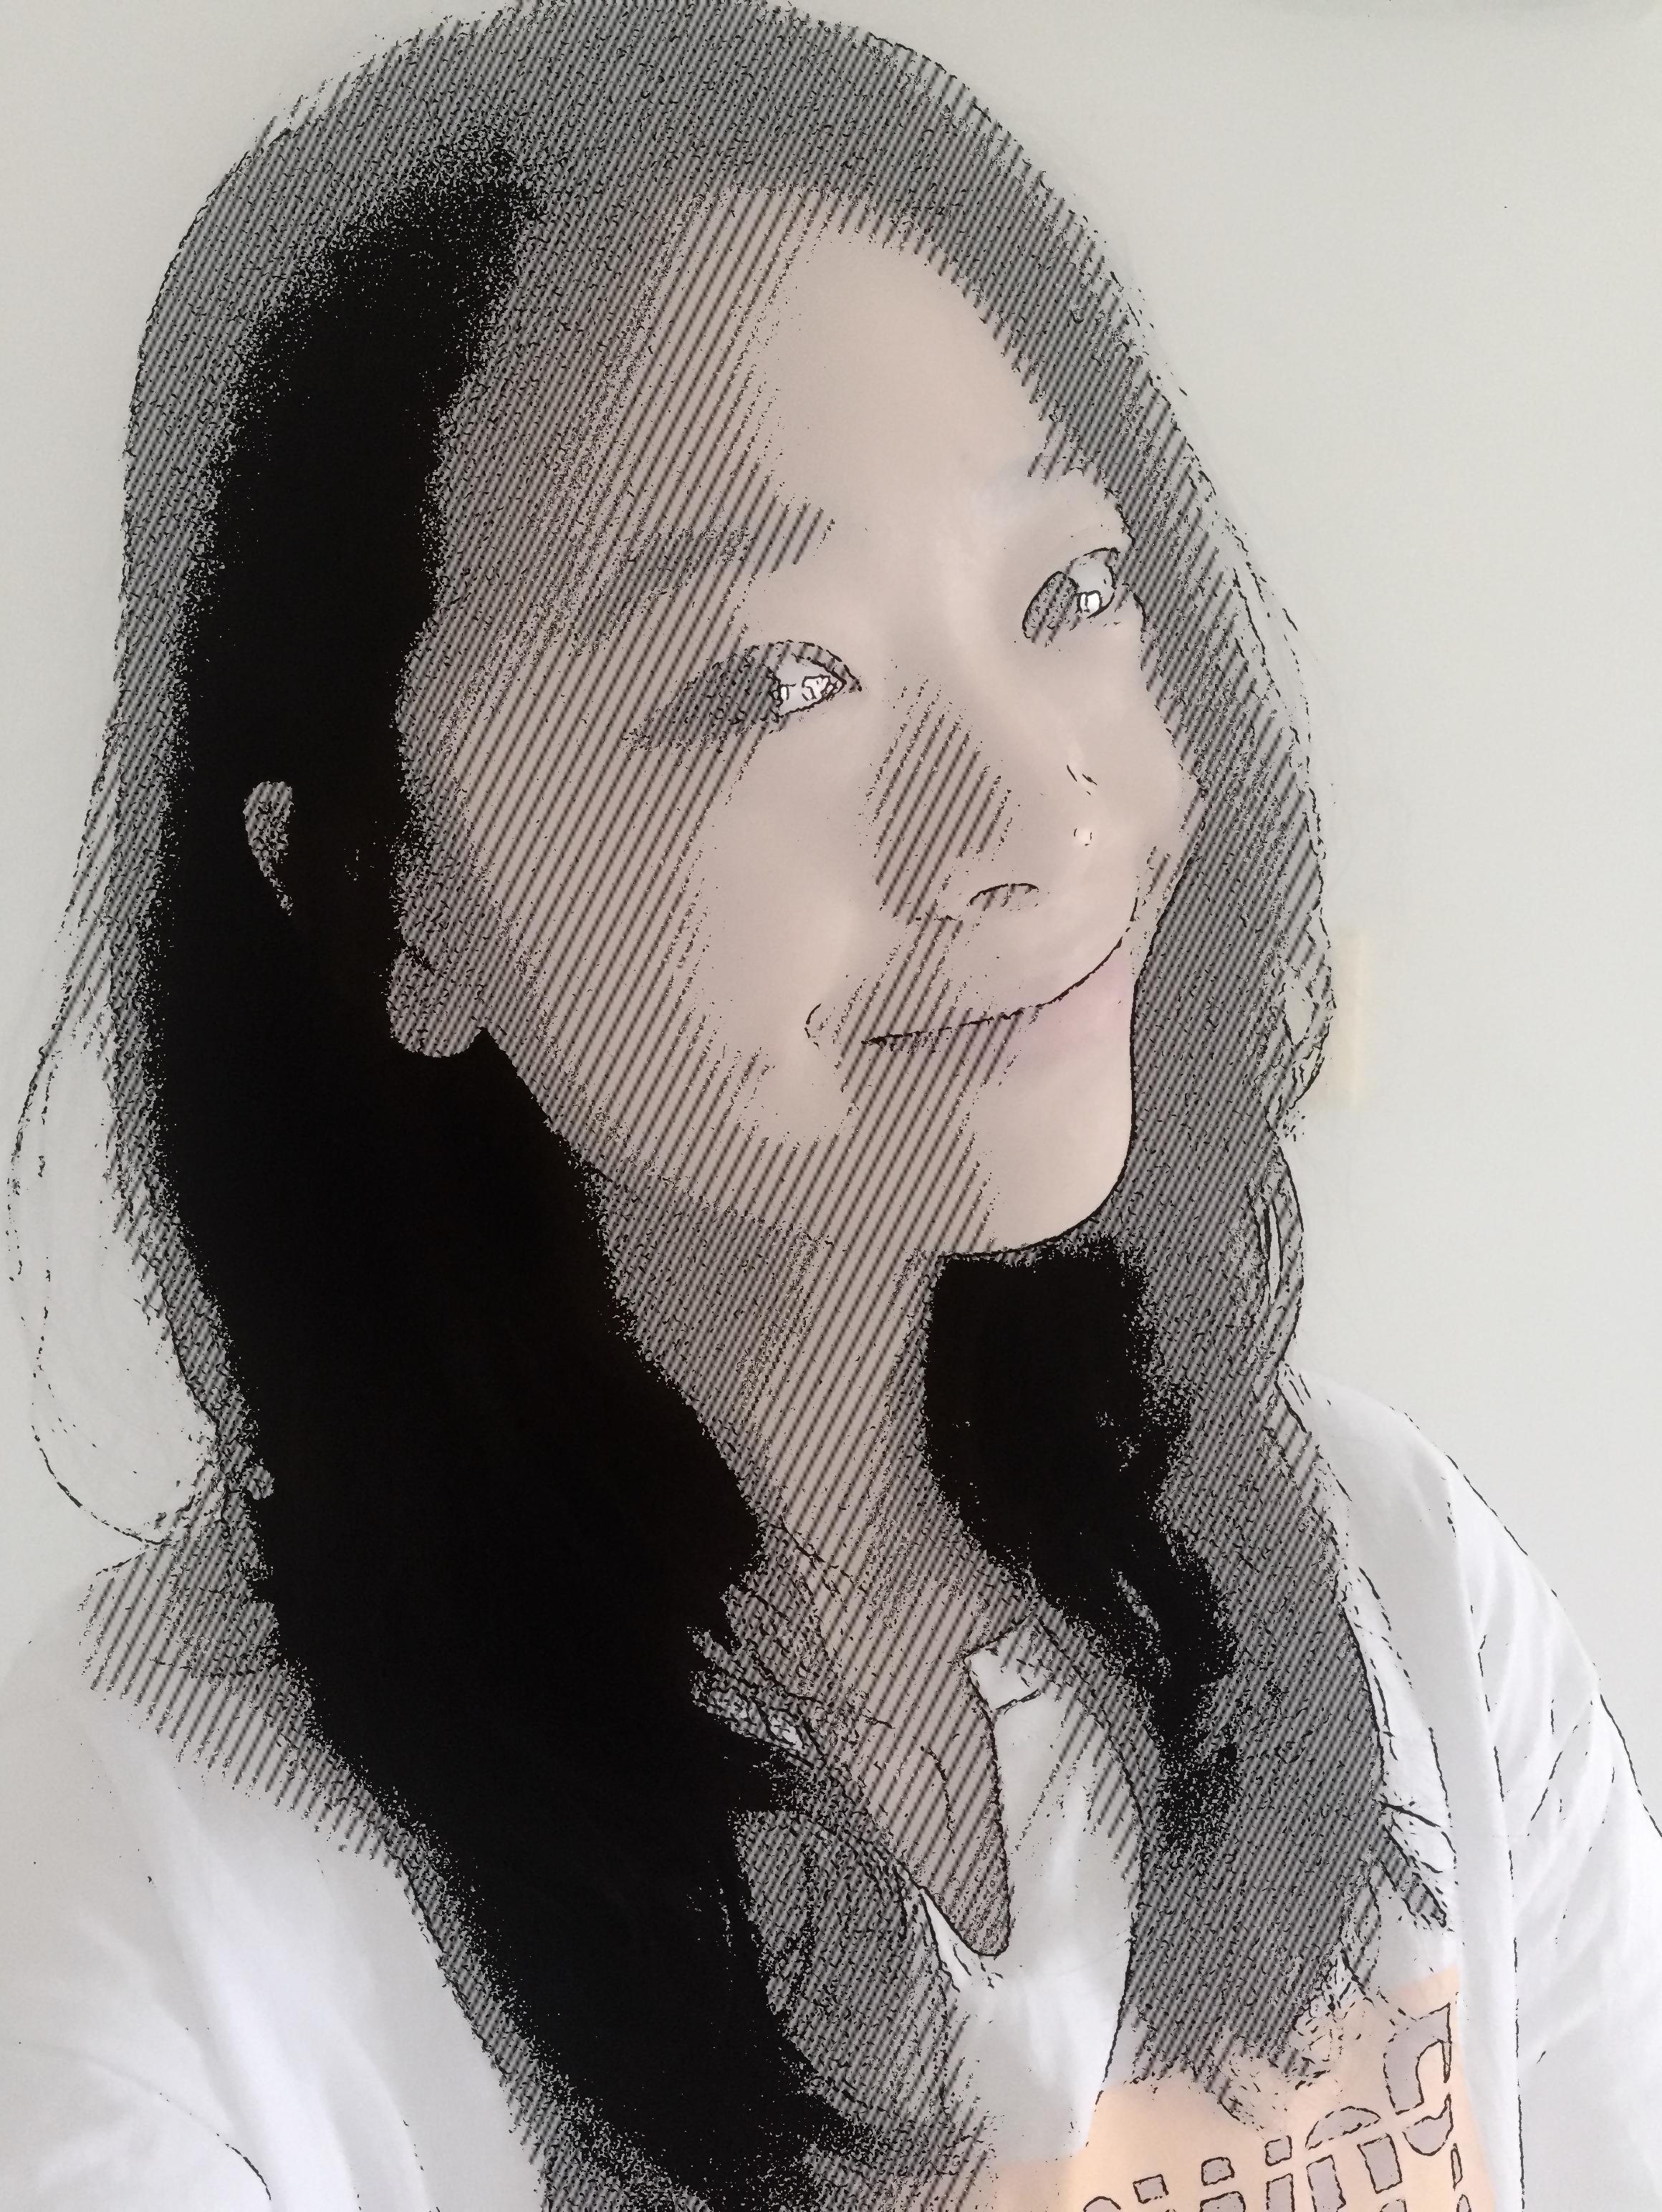 Ge Han / 韩歌